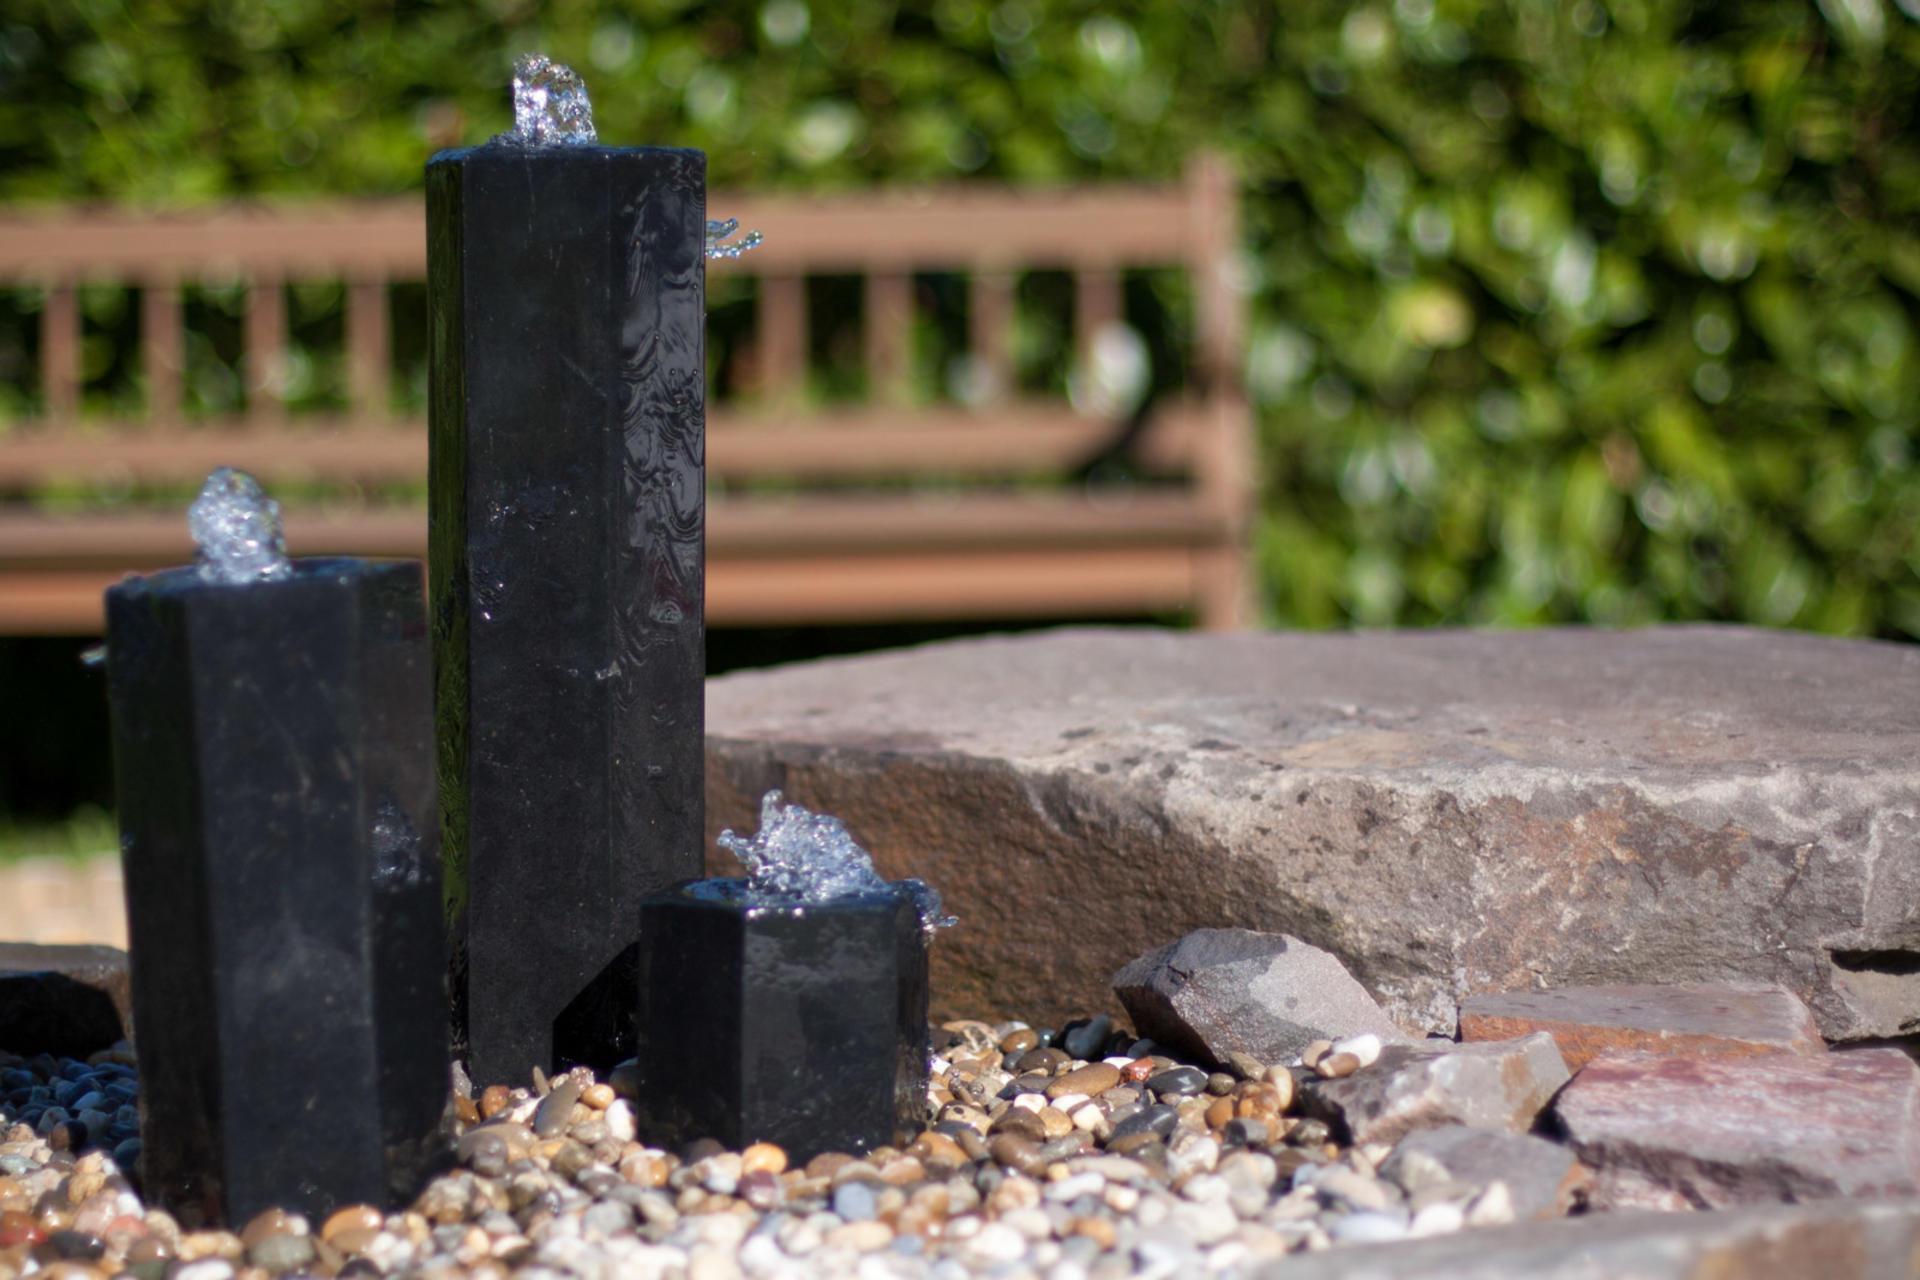 Full Size of Wasserbrunnen Garten Brunnen Stein Antik Kaufen Rund Moderne Solar Gartenbrunnen Steinoptik Steine Solarbetrieben Obi Selber Bauen Kandelaber Kletterturm Tisch Garten Wasserbrunnen Garten